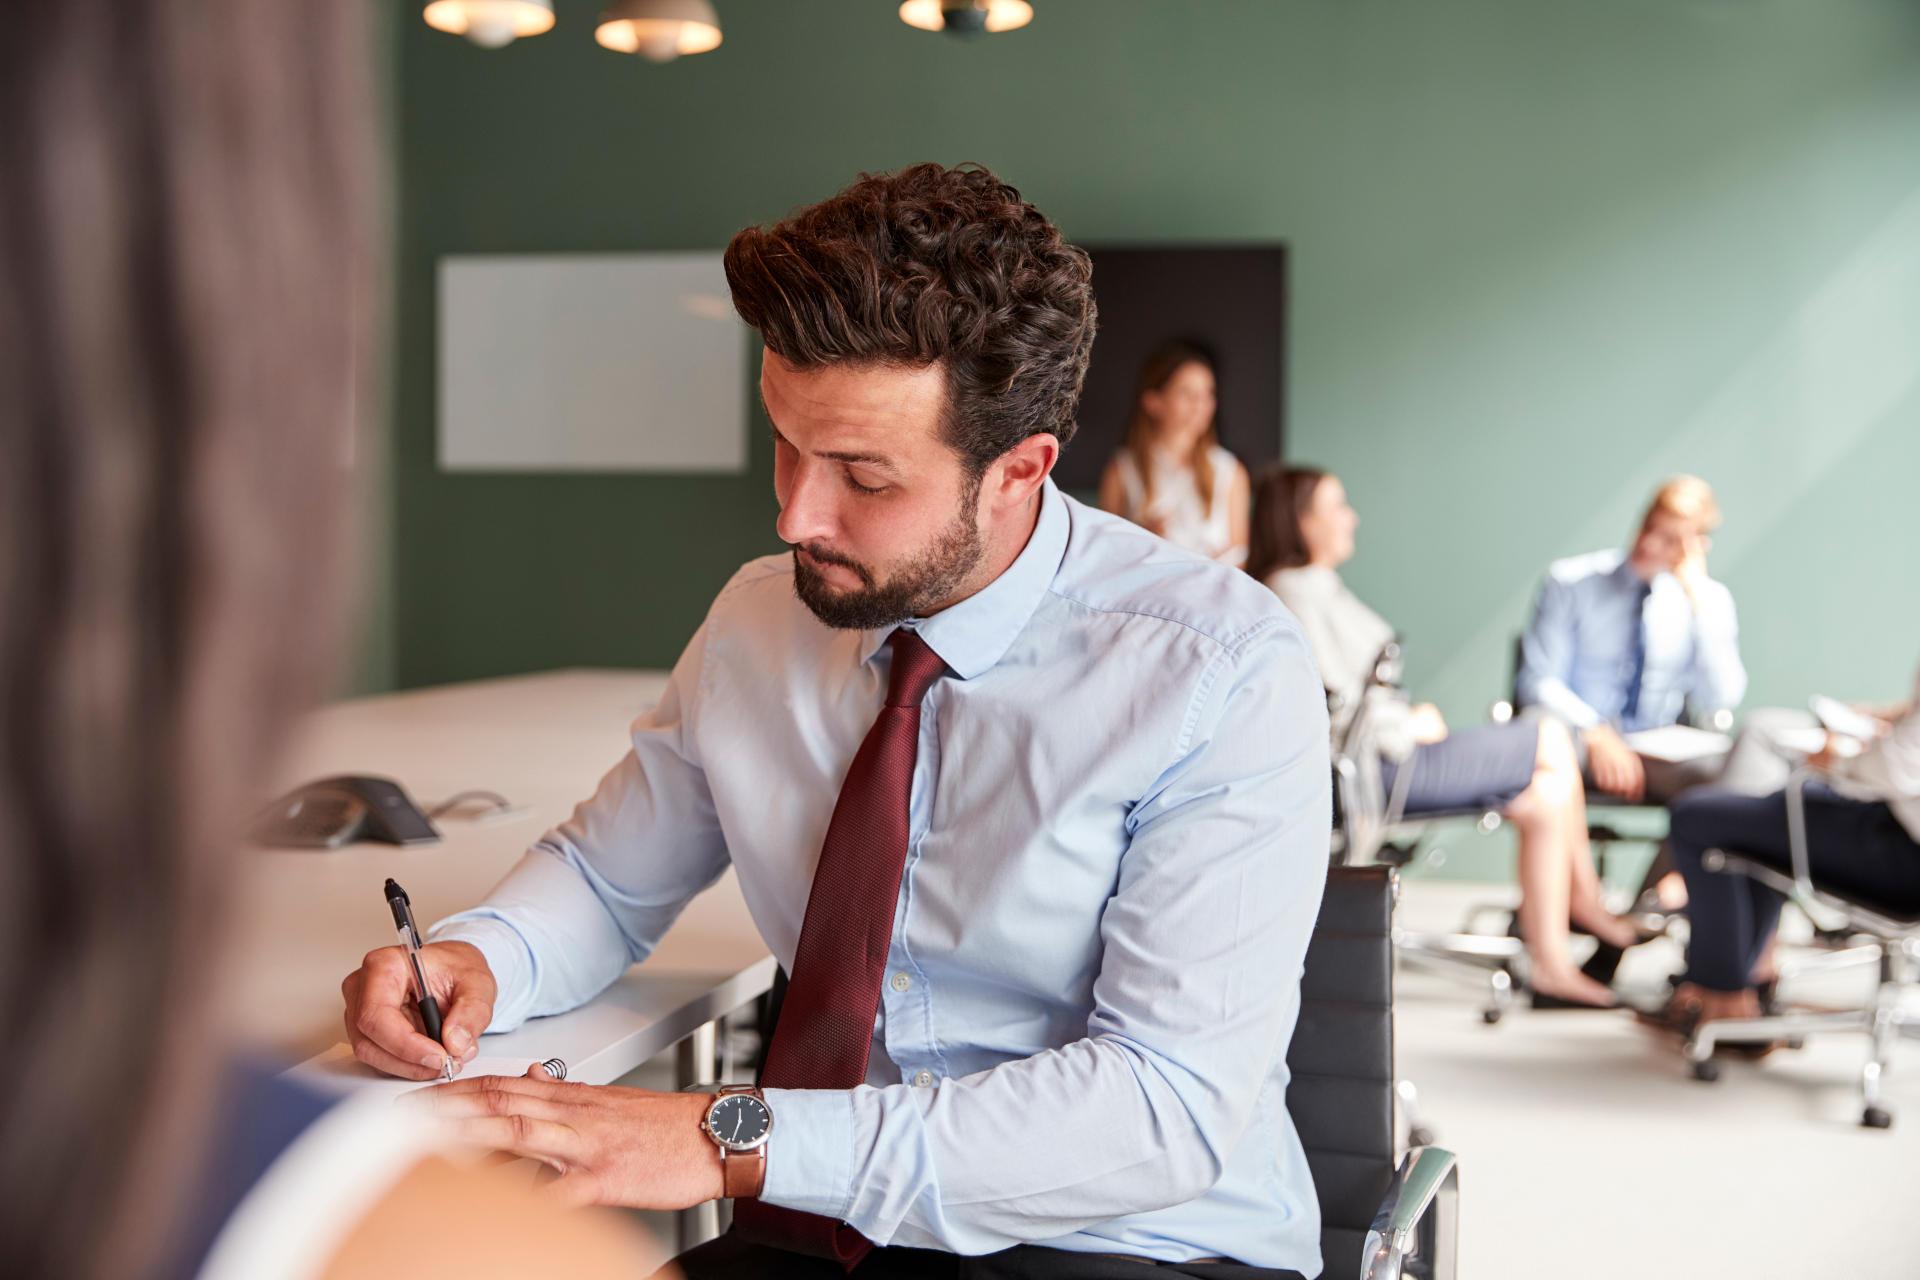 Nuestro modelo de gestión mejora la atención y relación con el cliente. Esta estructura nos permite distribuir las tareas de manera óptima y generar una comunicación activa.